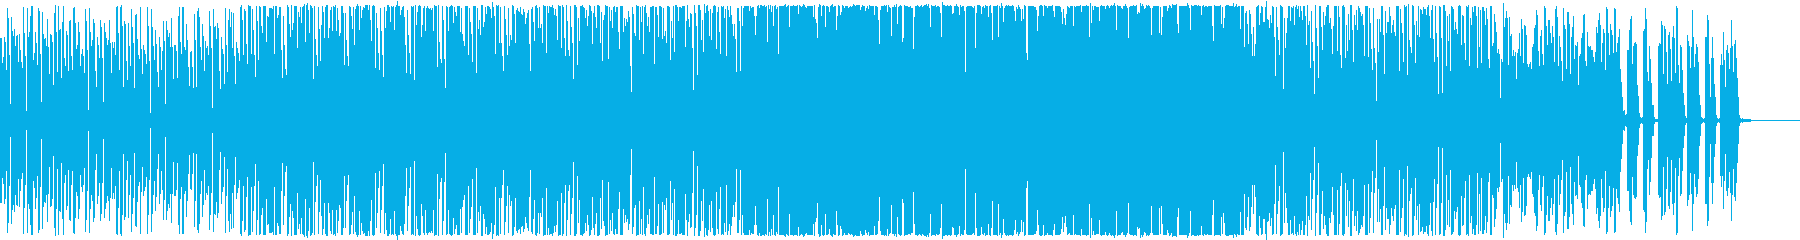 男女間会話の合致性の無さを感じる楽曲の再生済みの波形